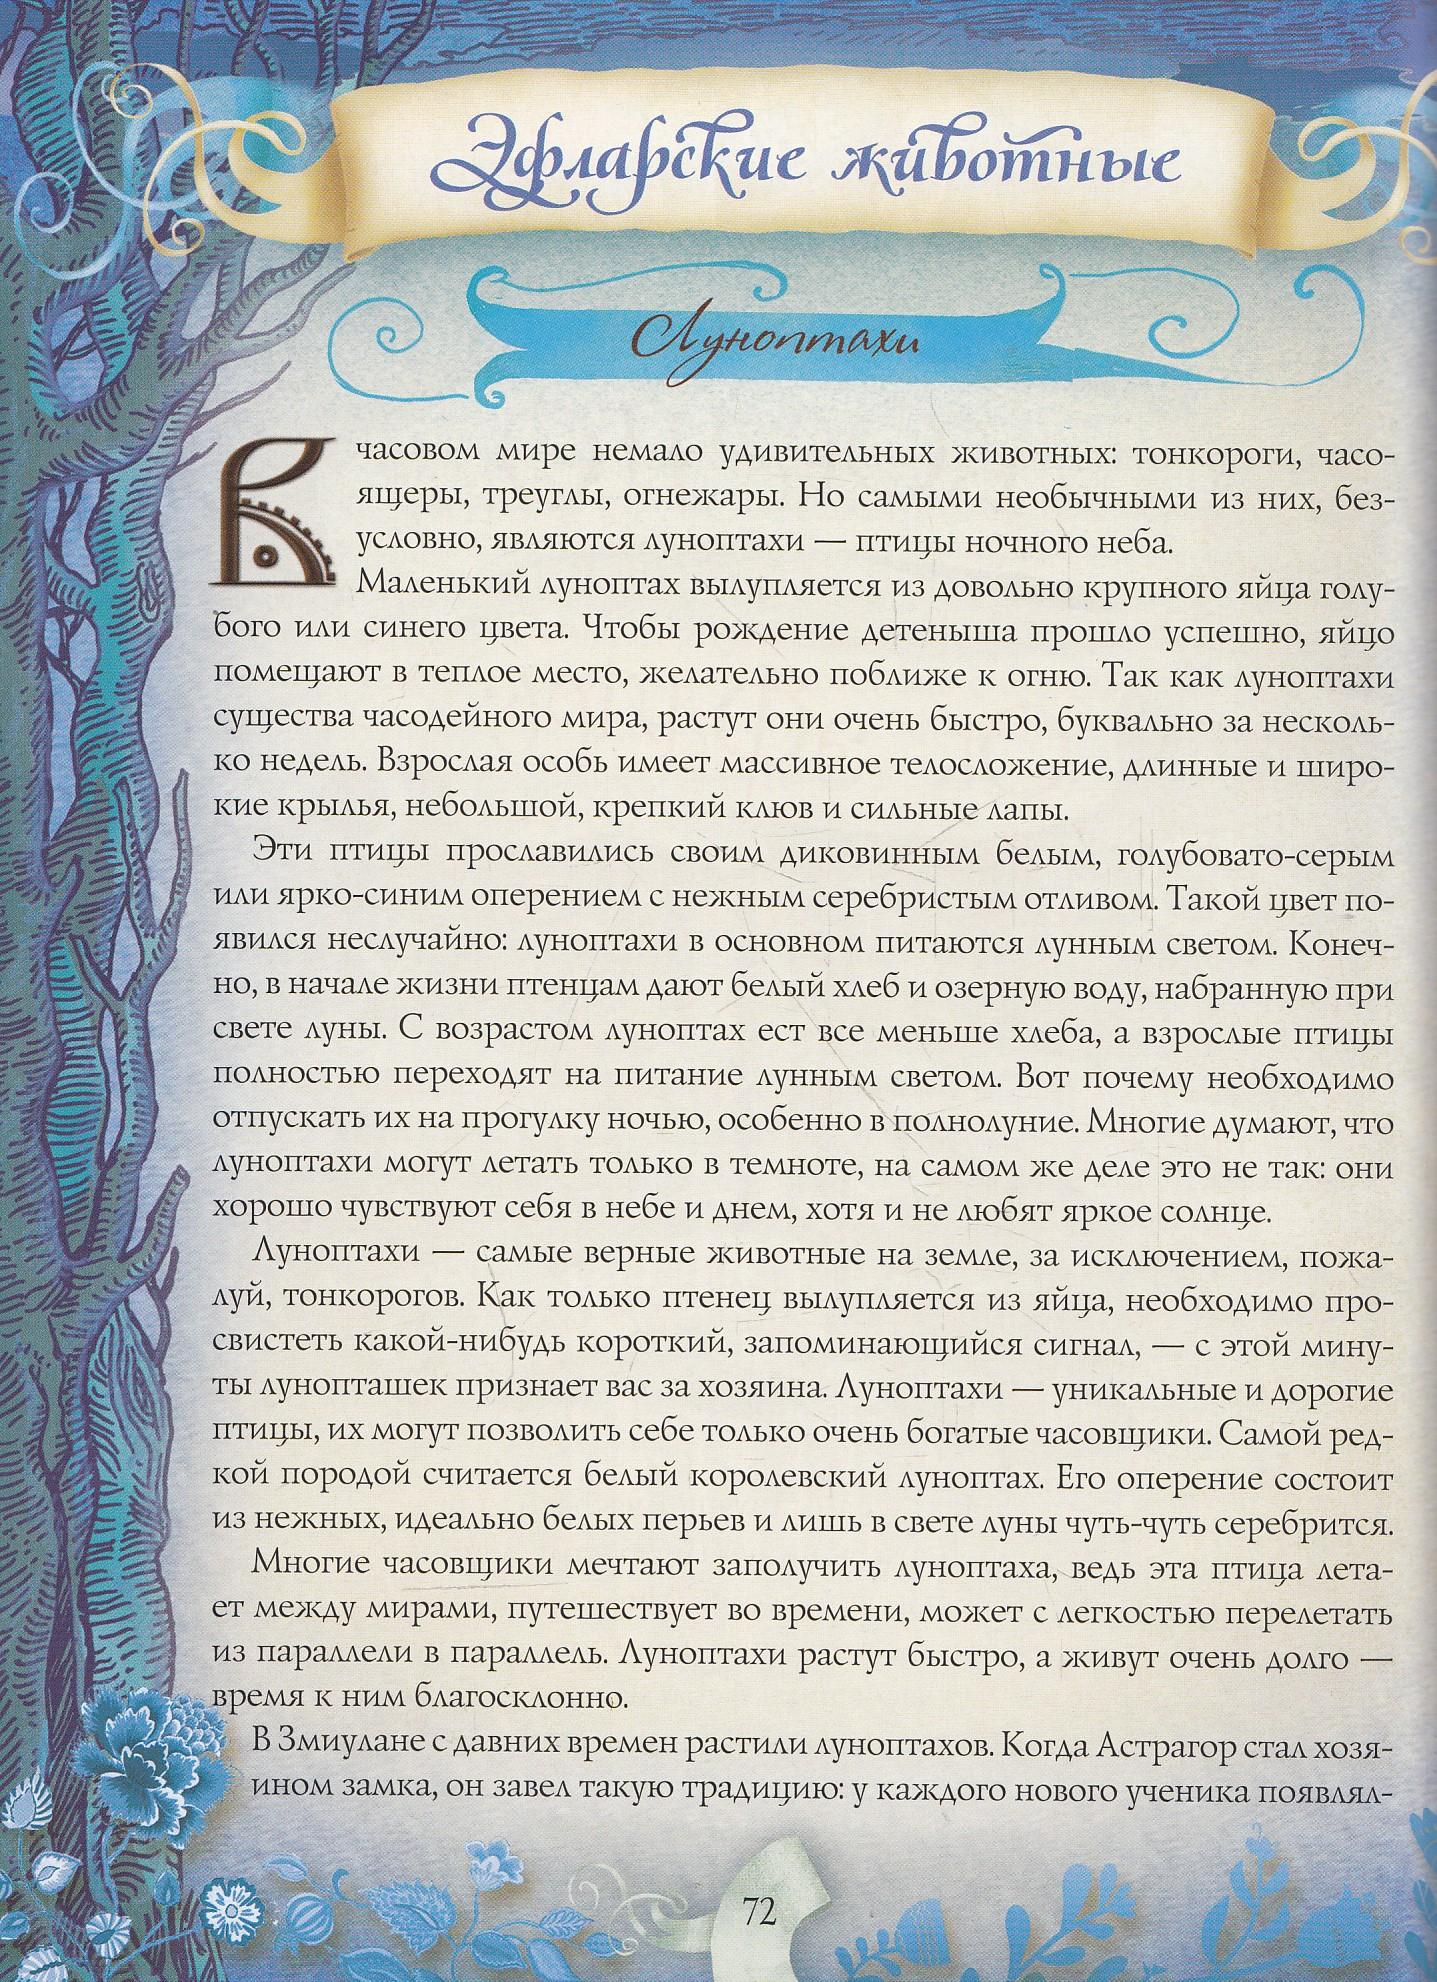 Часодейная книга. Секретные записи Родиона Хардиуса